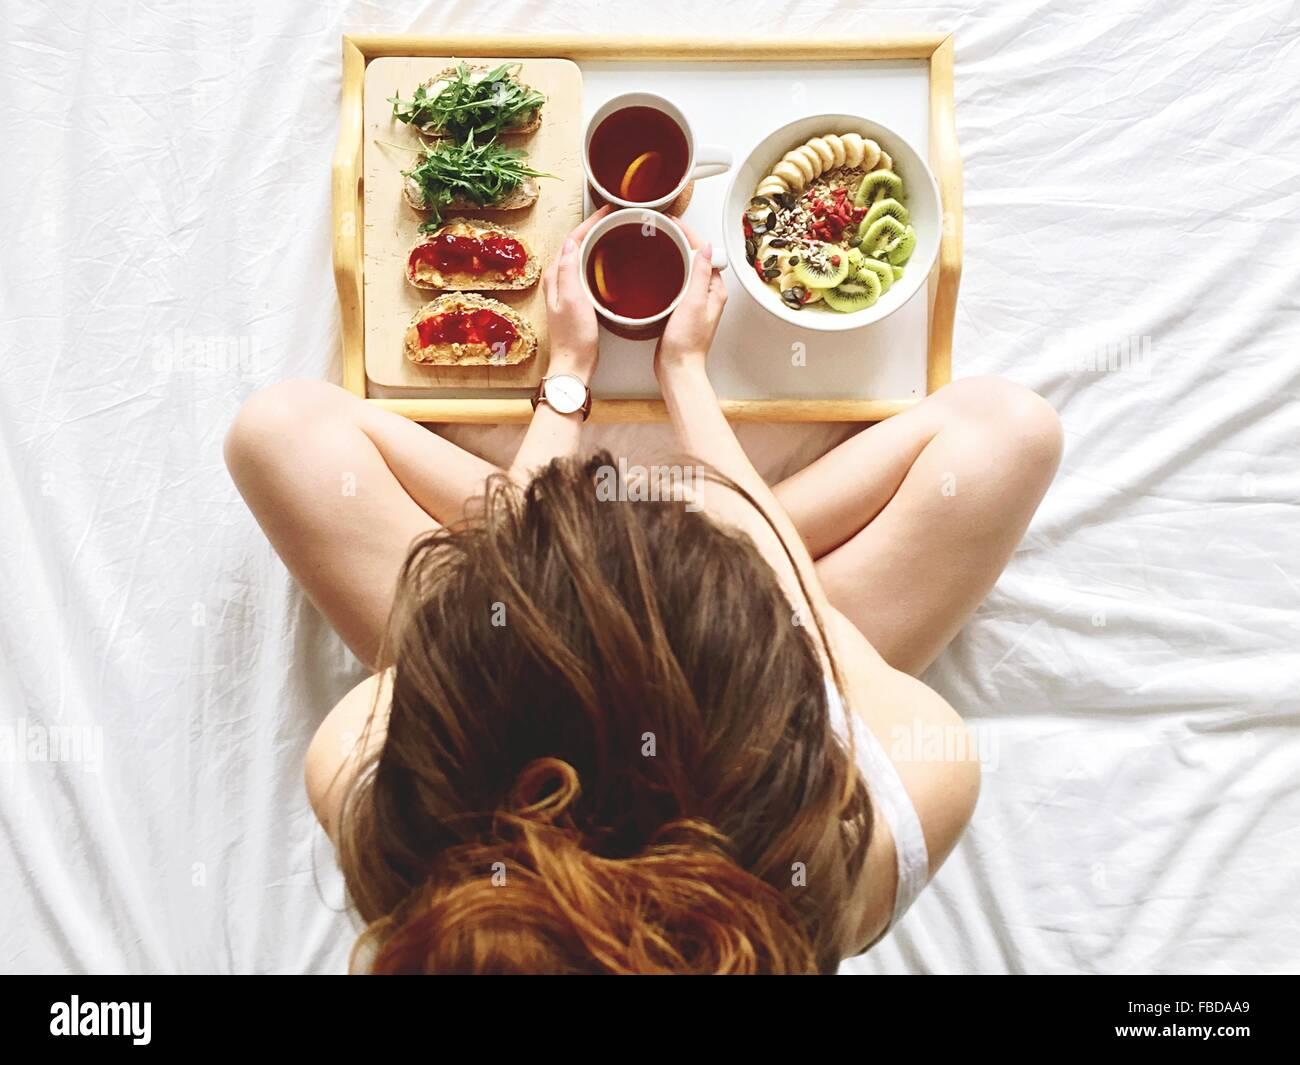 Directement au-dessus de Shot of Woman Having Breakfast On Bed Photo Stock